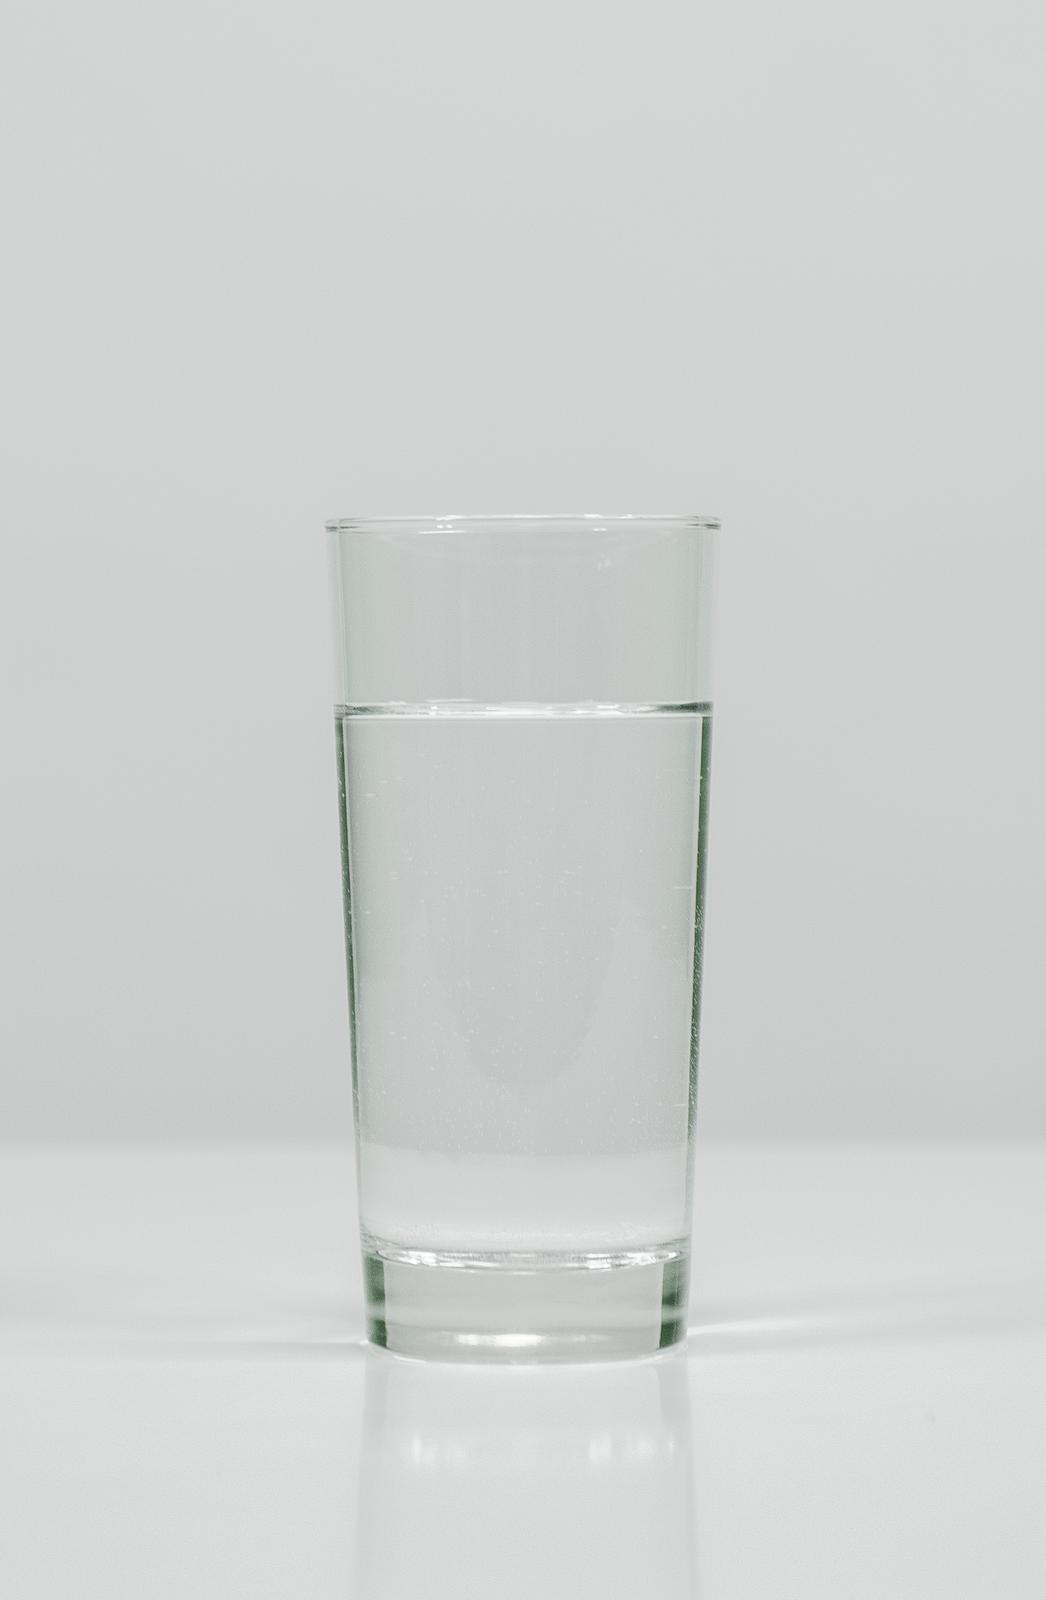 Czarno-białe zdjęcie przedstawia szklankę zwodą stojącą na płaskiej, jasnej powierzchni. Zawartość szklanki jest klarowna, woda wygląda na idealnie czystą.